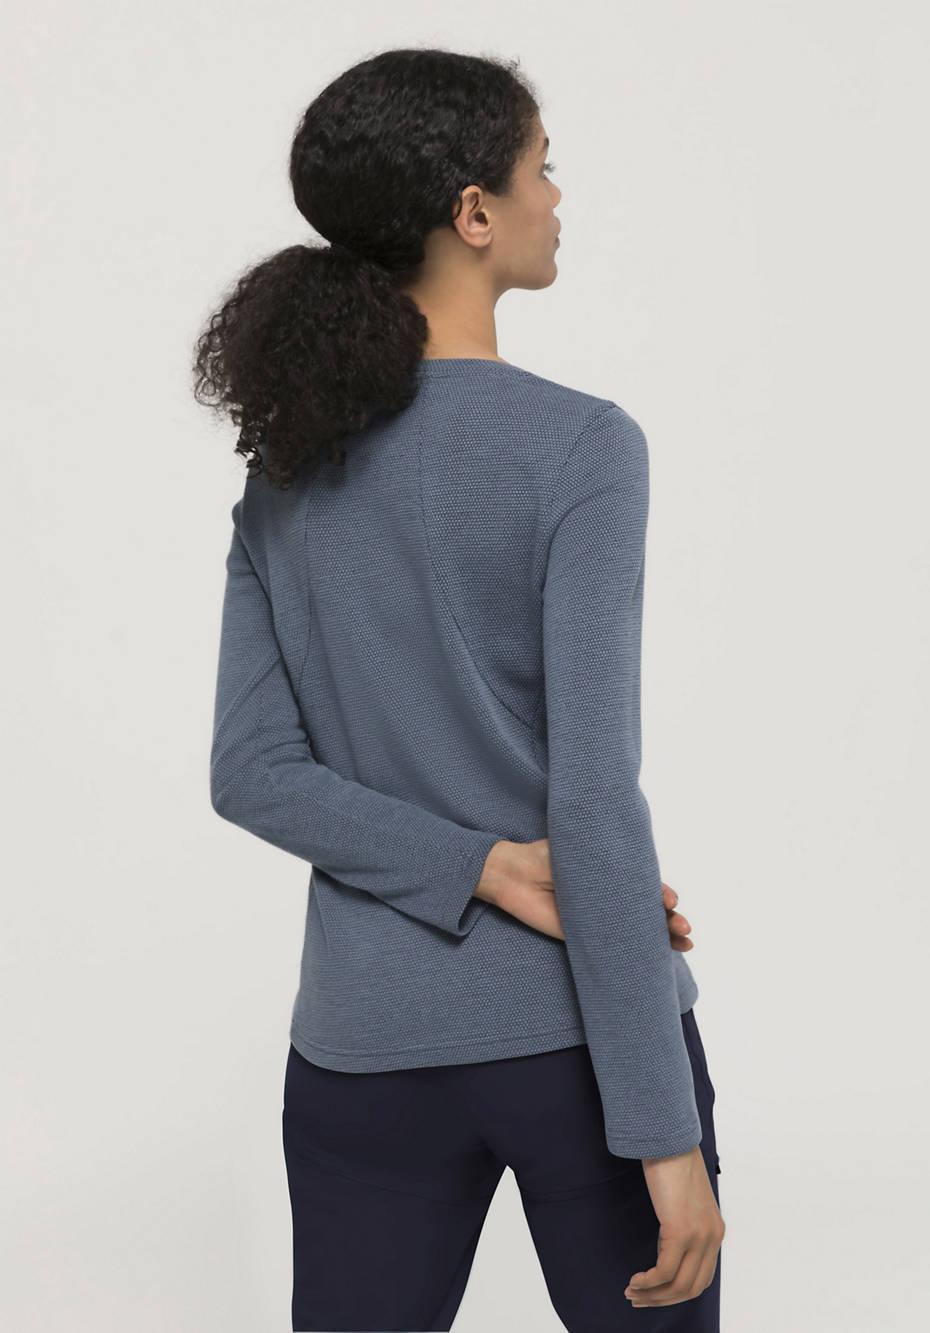 Funktions-Shirt aus Bio-Merinowolle mit Bio-Baumwolle